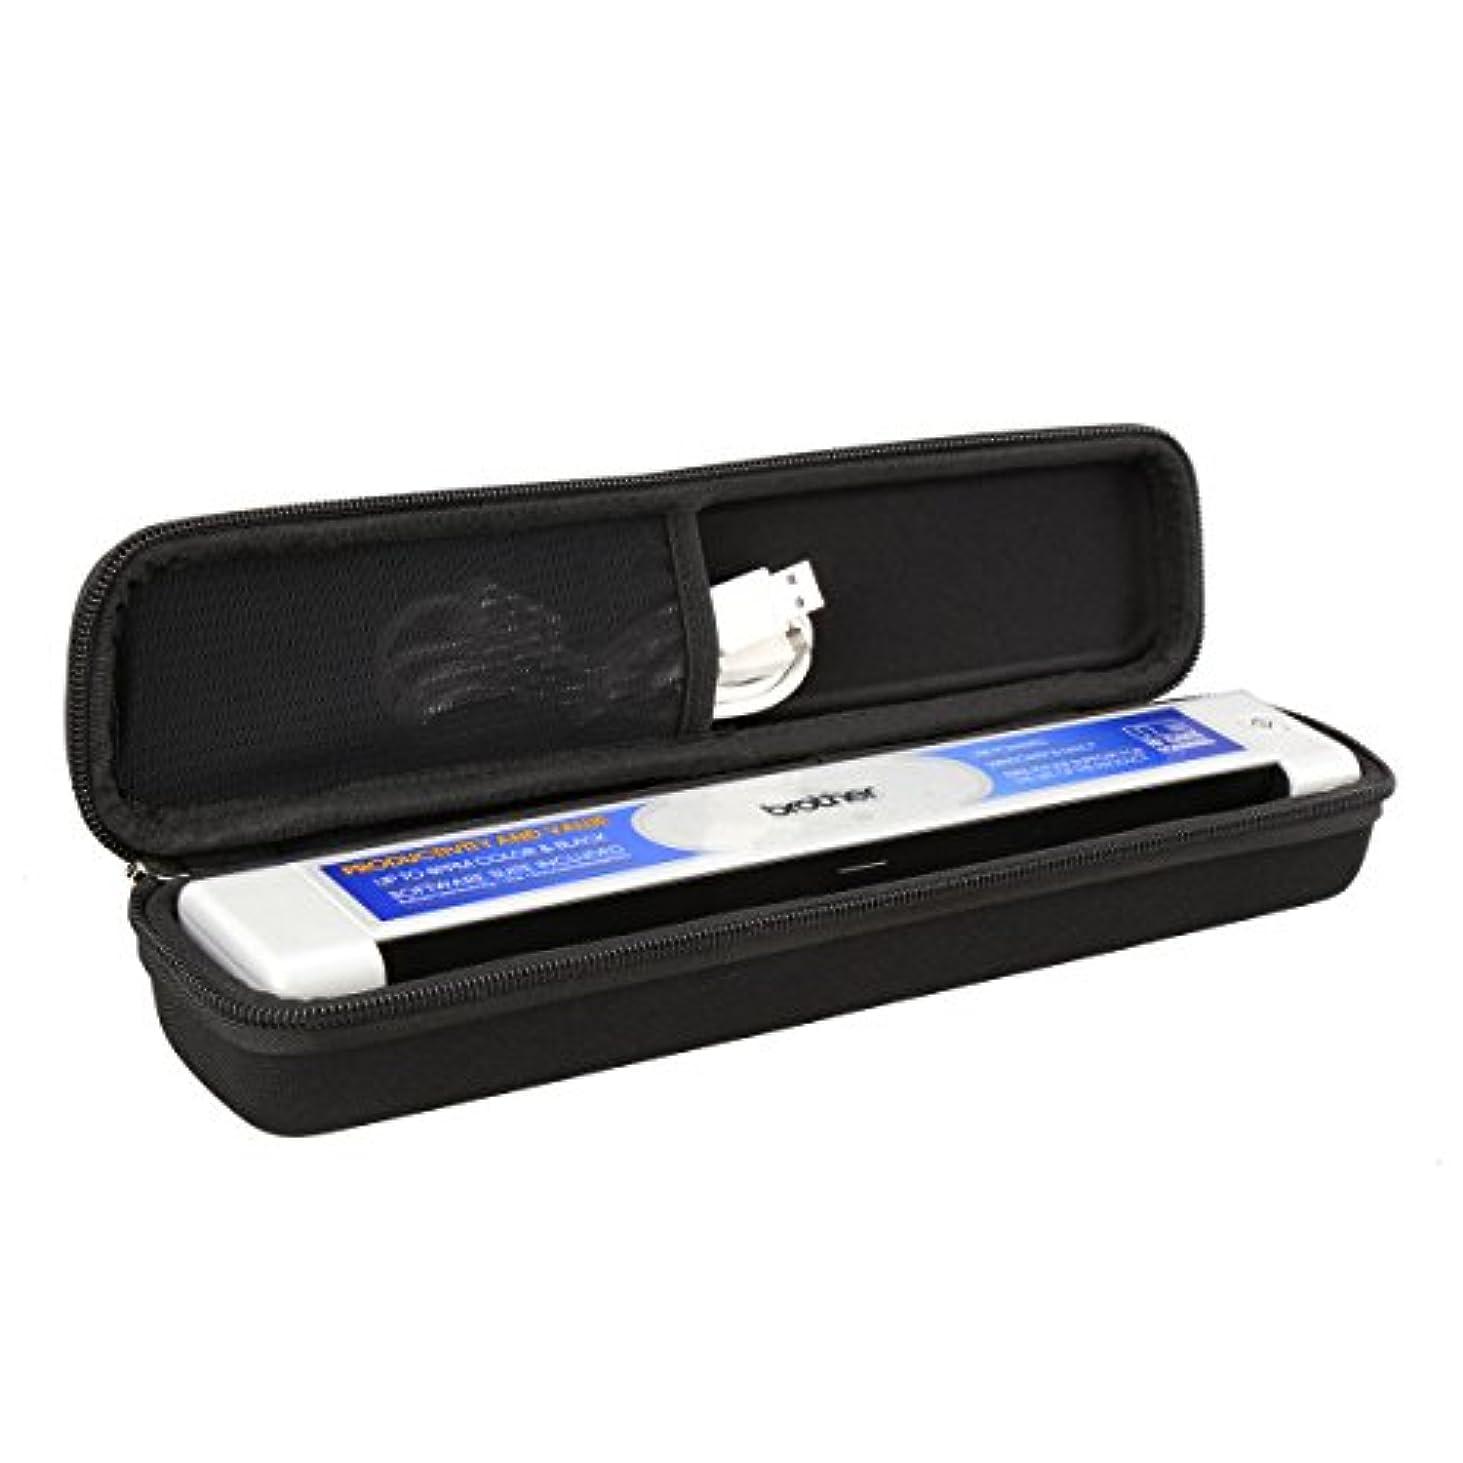 第納屋ギャラントリーブラザーDS620ポータブルスキャナー用Aproca Duroトラベルケース